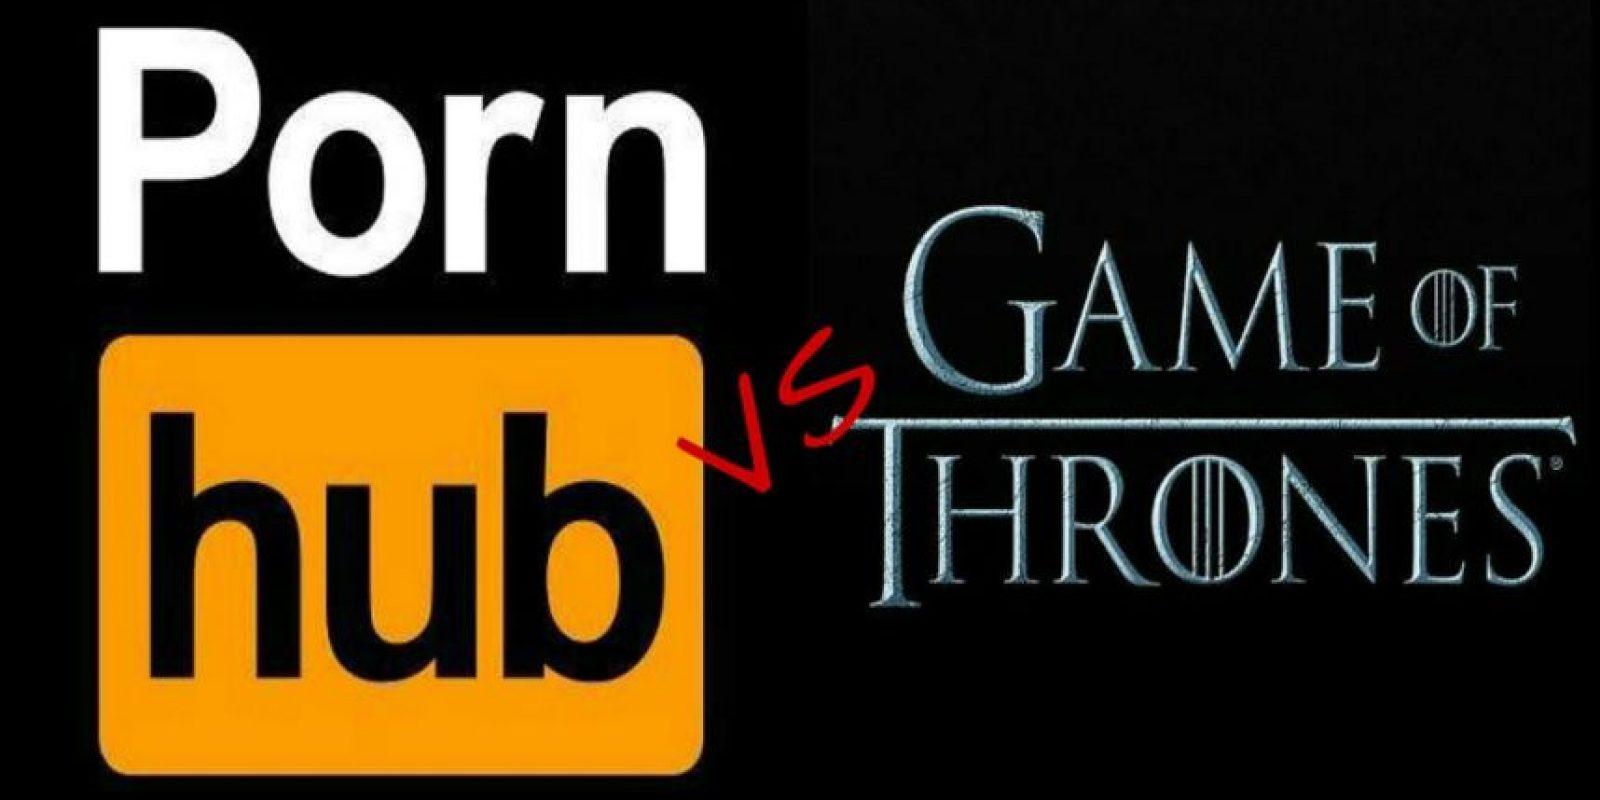 Game of Thrones estrenó recientemente su sexta temporada. Aquí algunas curiosidades: Foto:PH/GoT